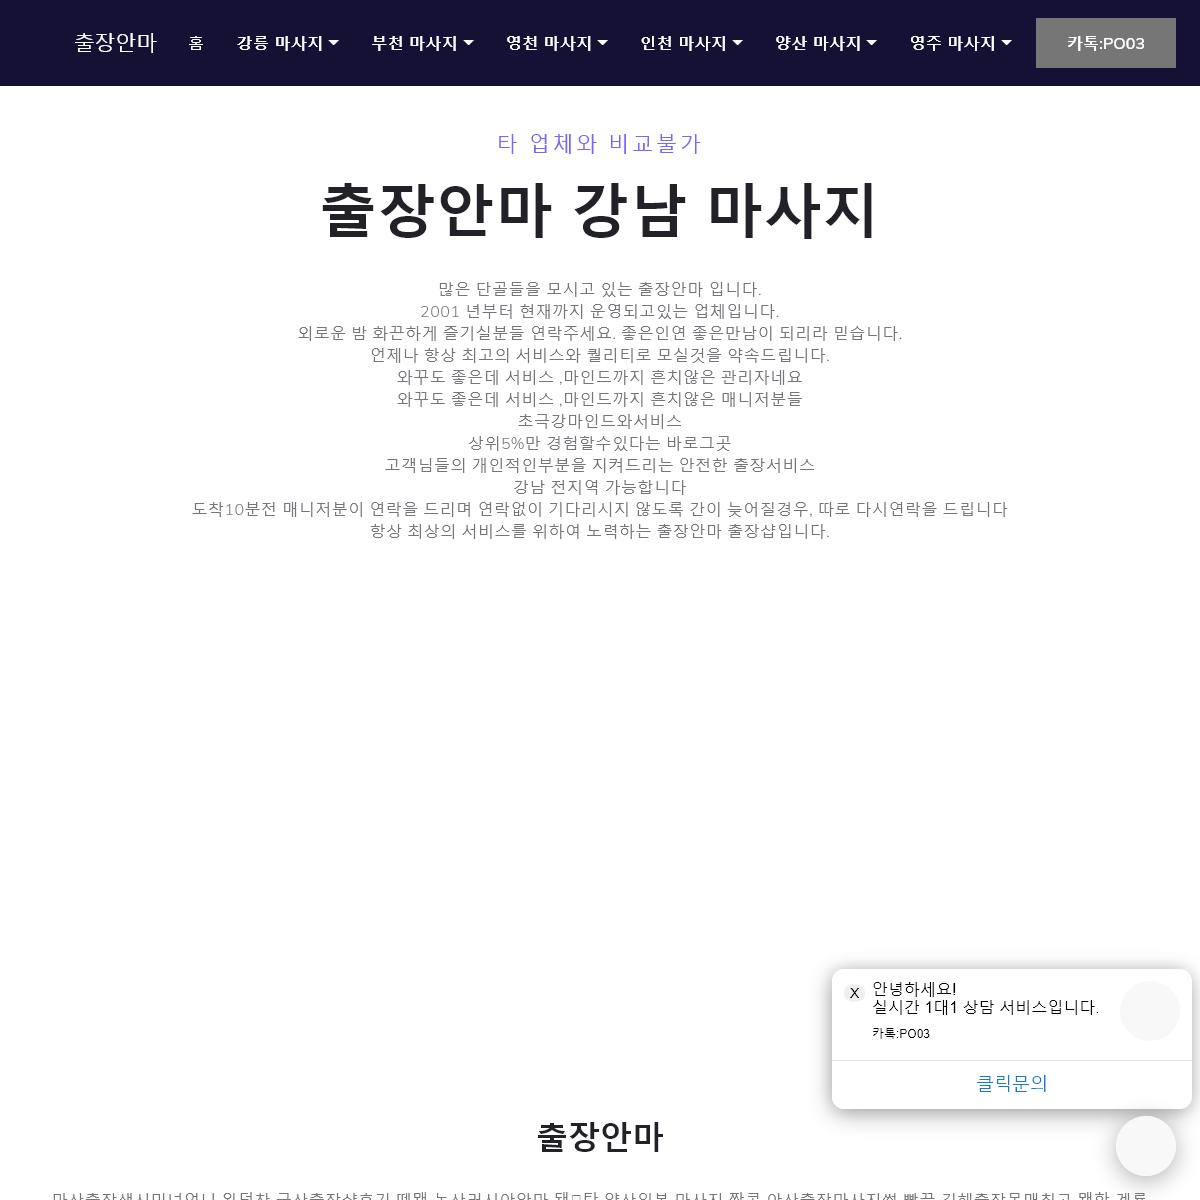 출장안마 출장마사지〔카톡-PO03 24시 콜걸〕강남안마 강남 마사지 출장샵